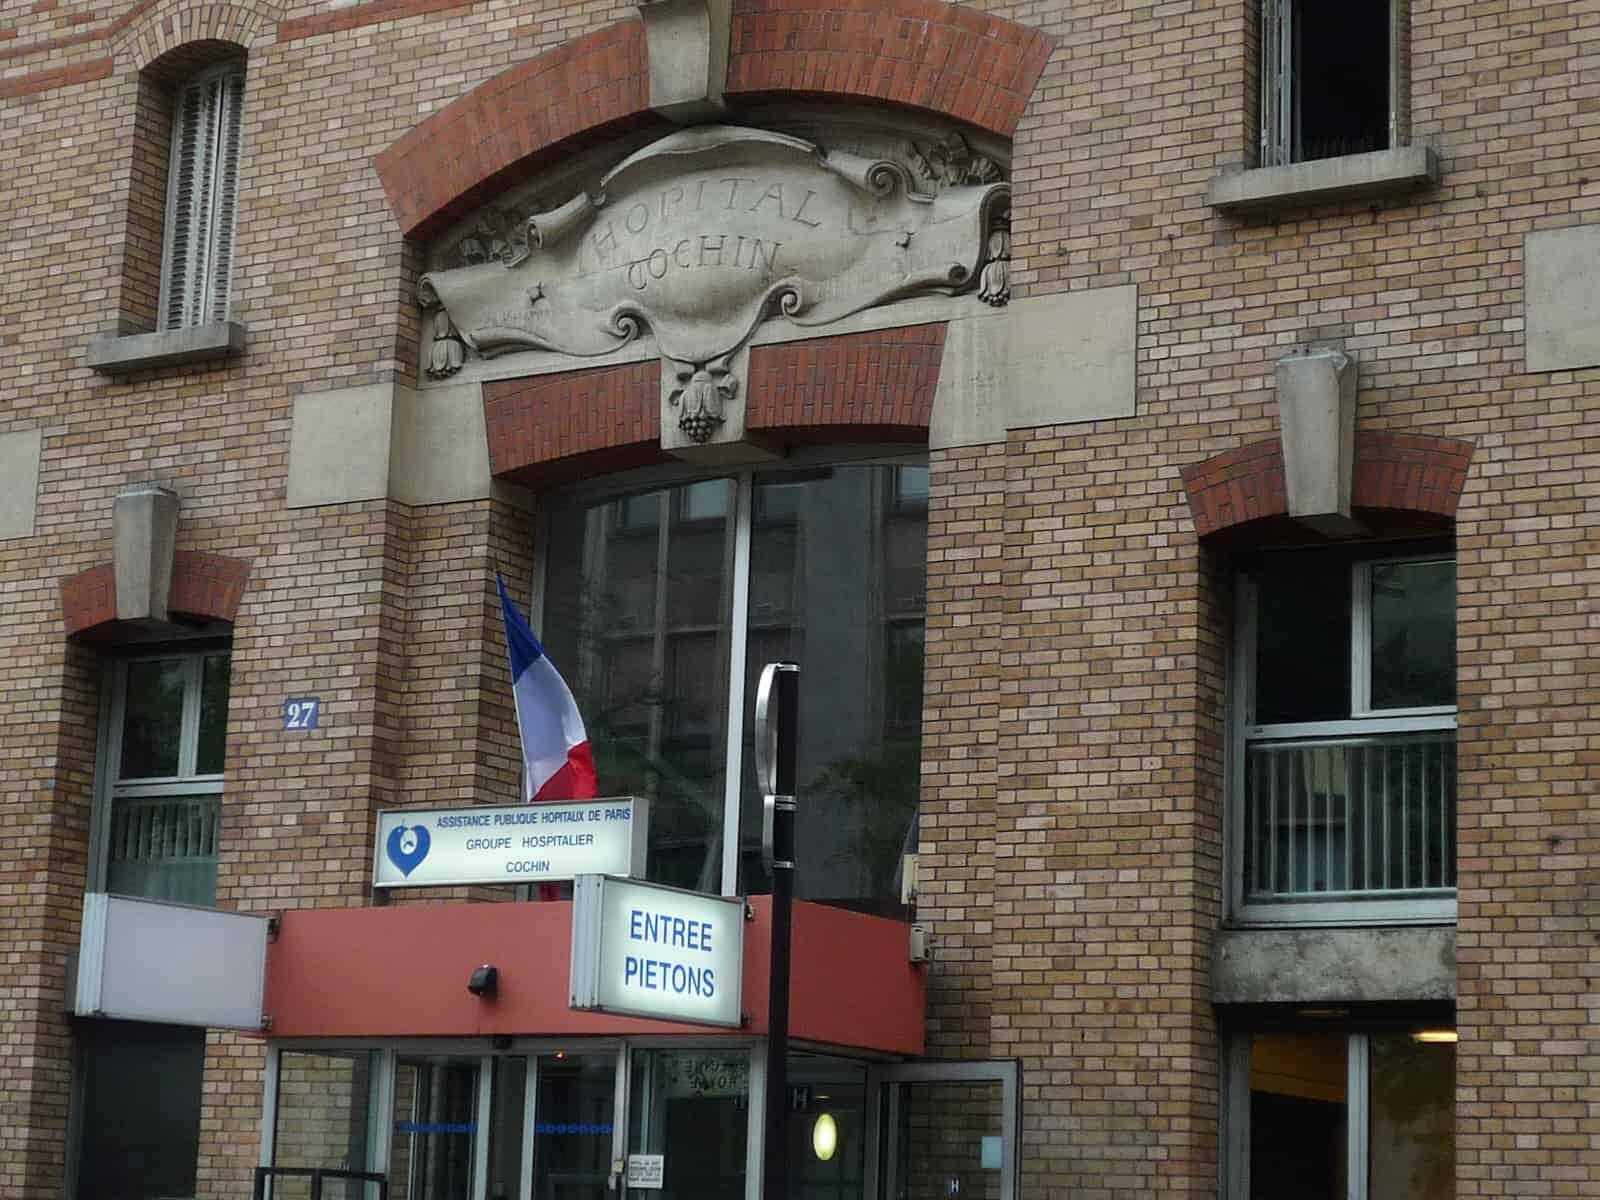 """Samedi 15 février, une femme de 61 ans est arrivée aux urgences de l'hôpital Cochin à Paris aux environs de 16h30. Elle souffrait d'une blessure au pied. L'Assistance publique – hôpitaux de Paris (AP-HP)précise que la patiente a été """"conduite aux urgences par les pompiers"""" à la suite d'une """"chute sans signe de gravité"""". Une […]"""